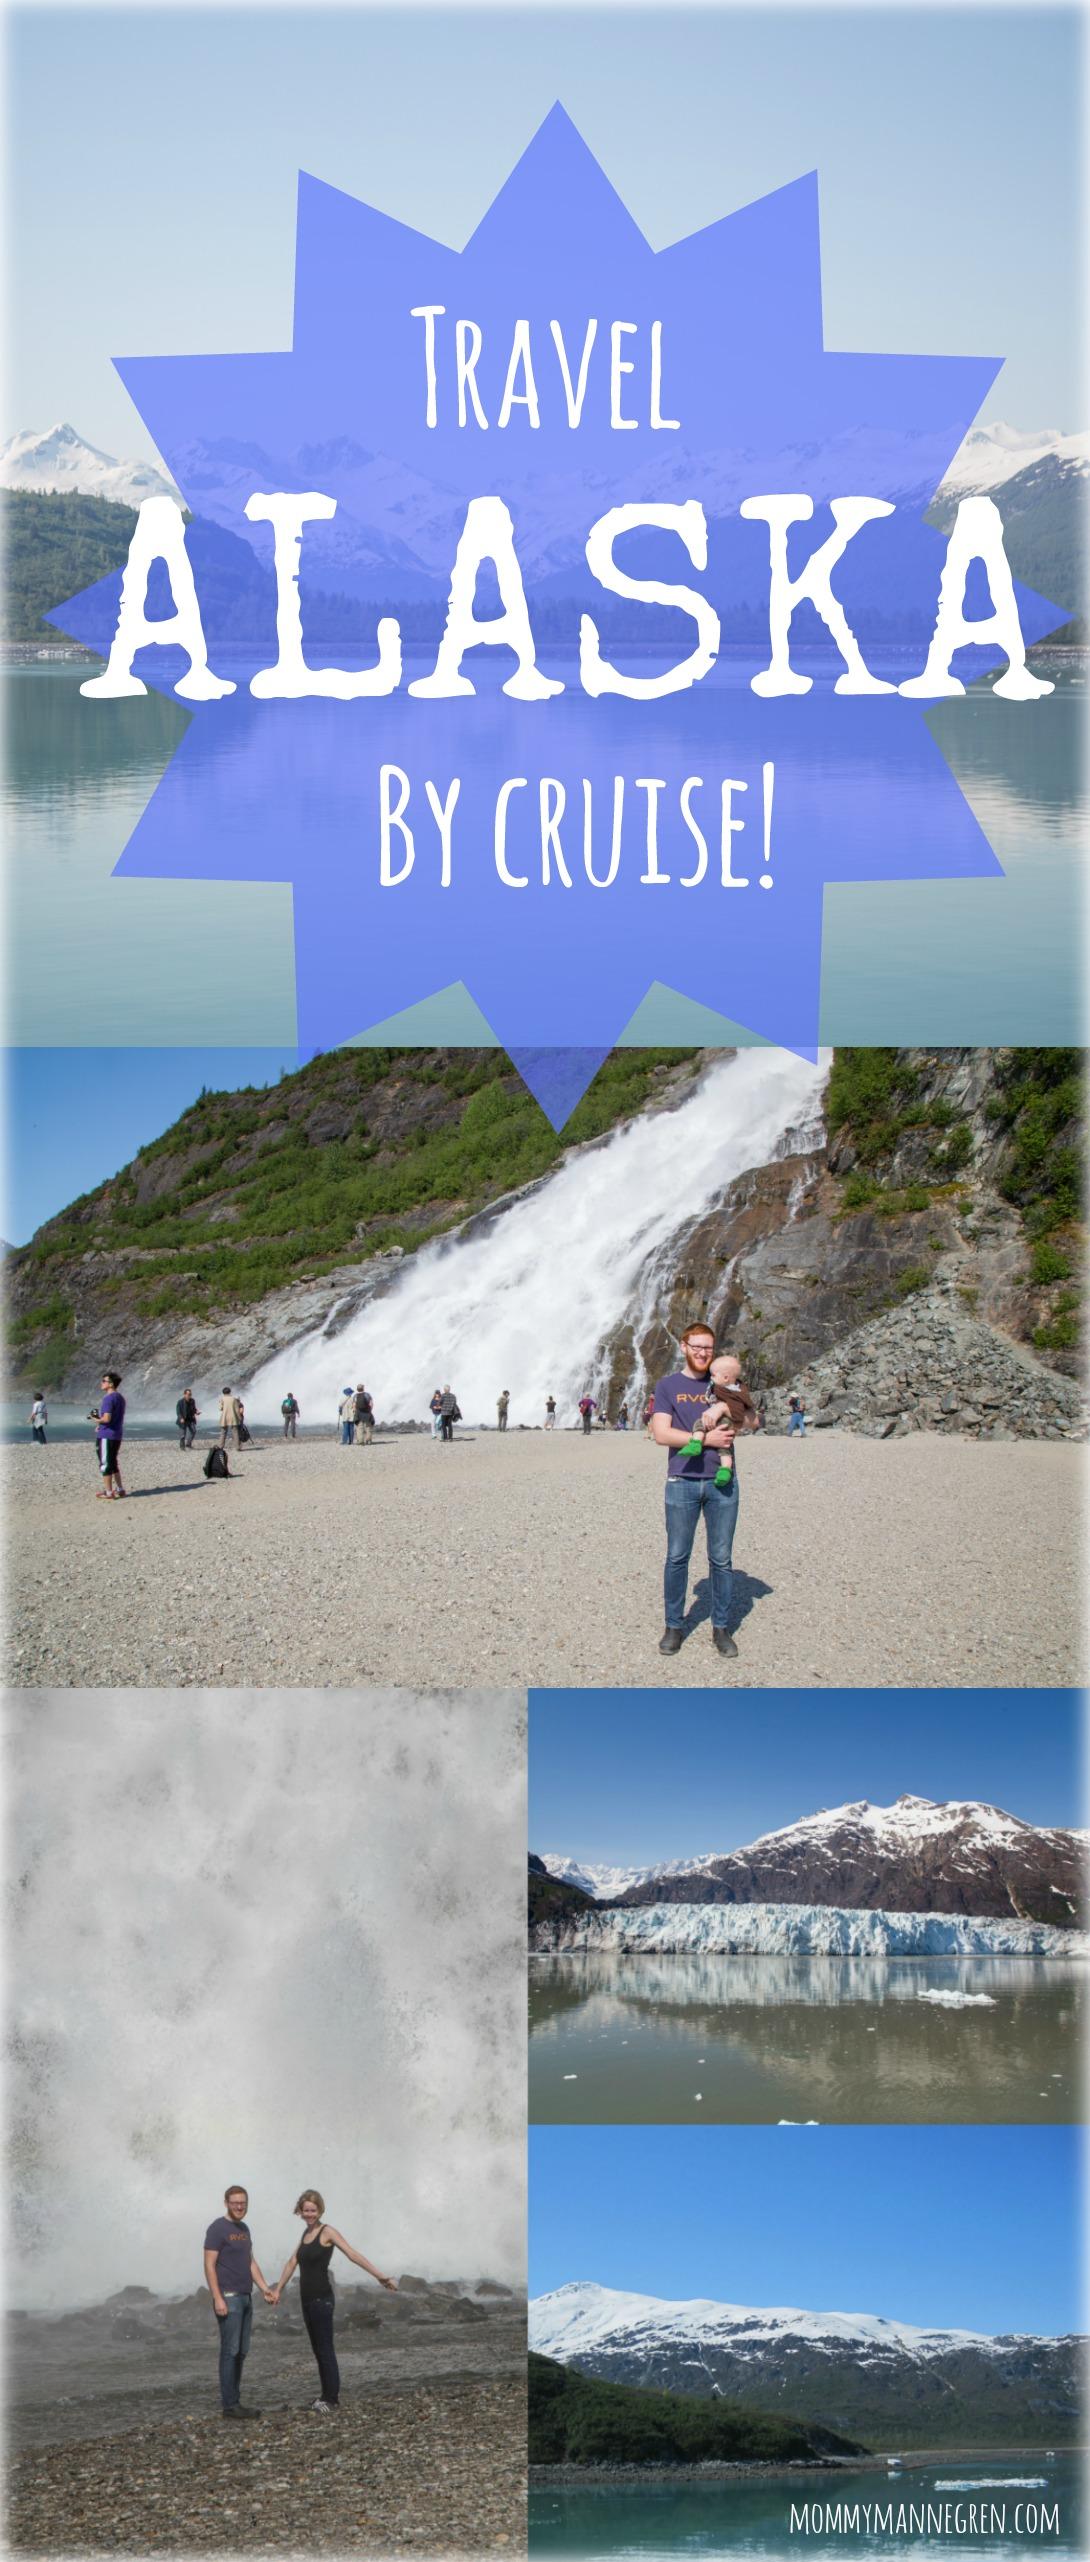 TravelAlaskabyCruise